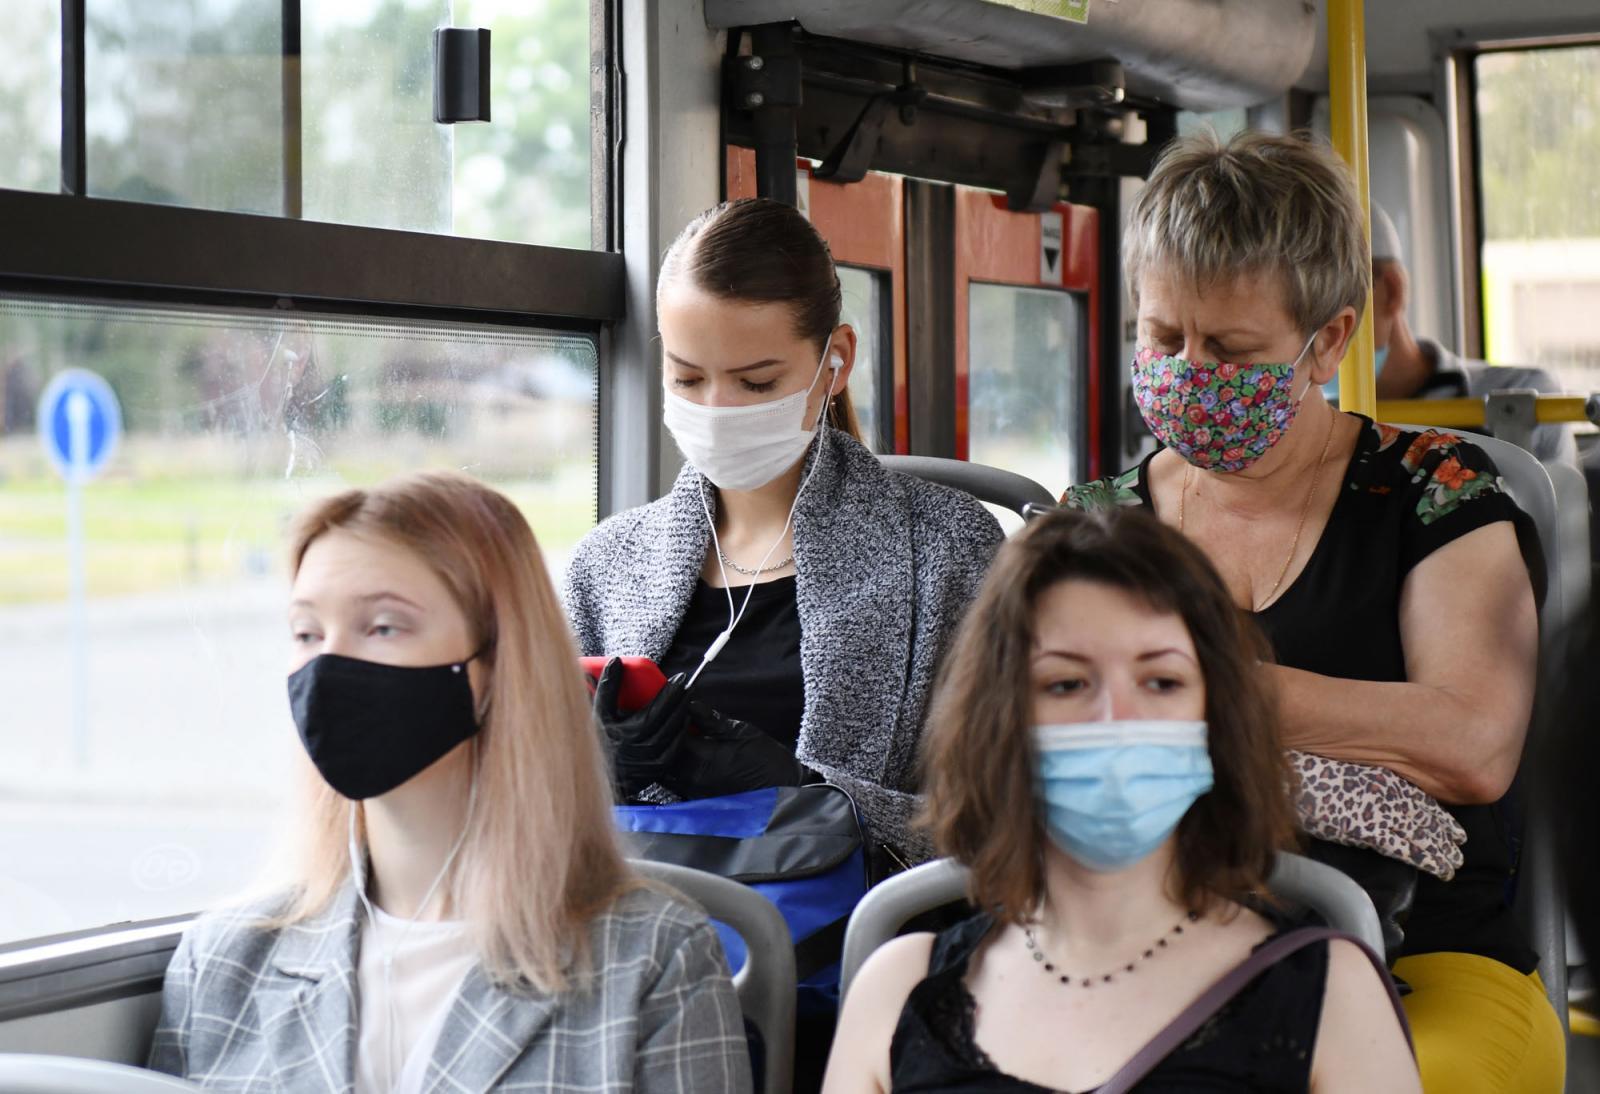 В Брянске за неделю выписали 20 штрафов на нарушителей масочного режима